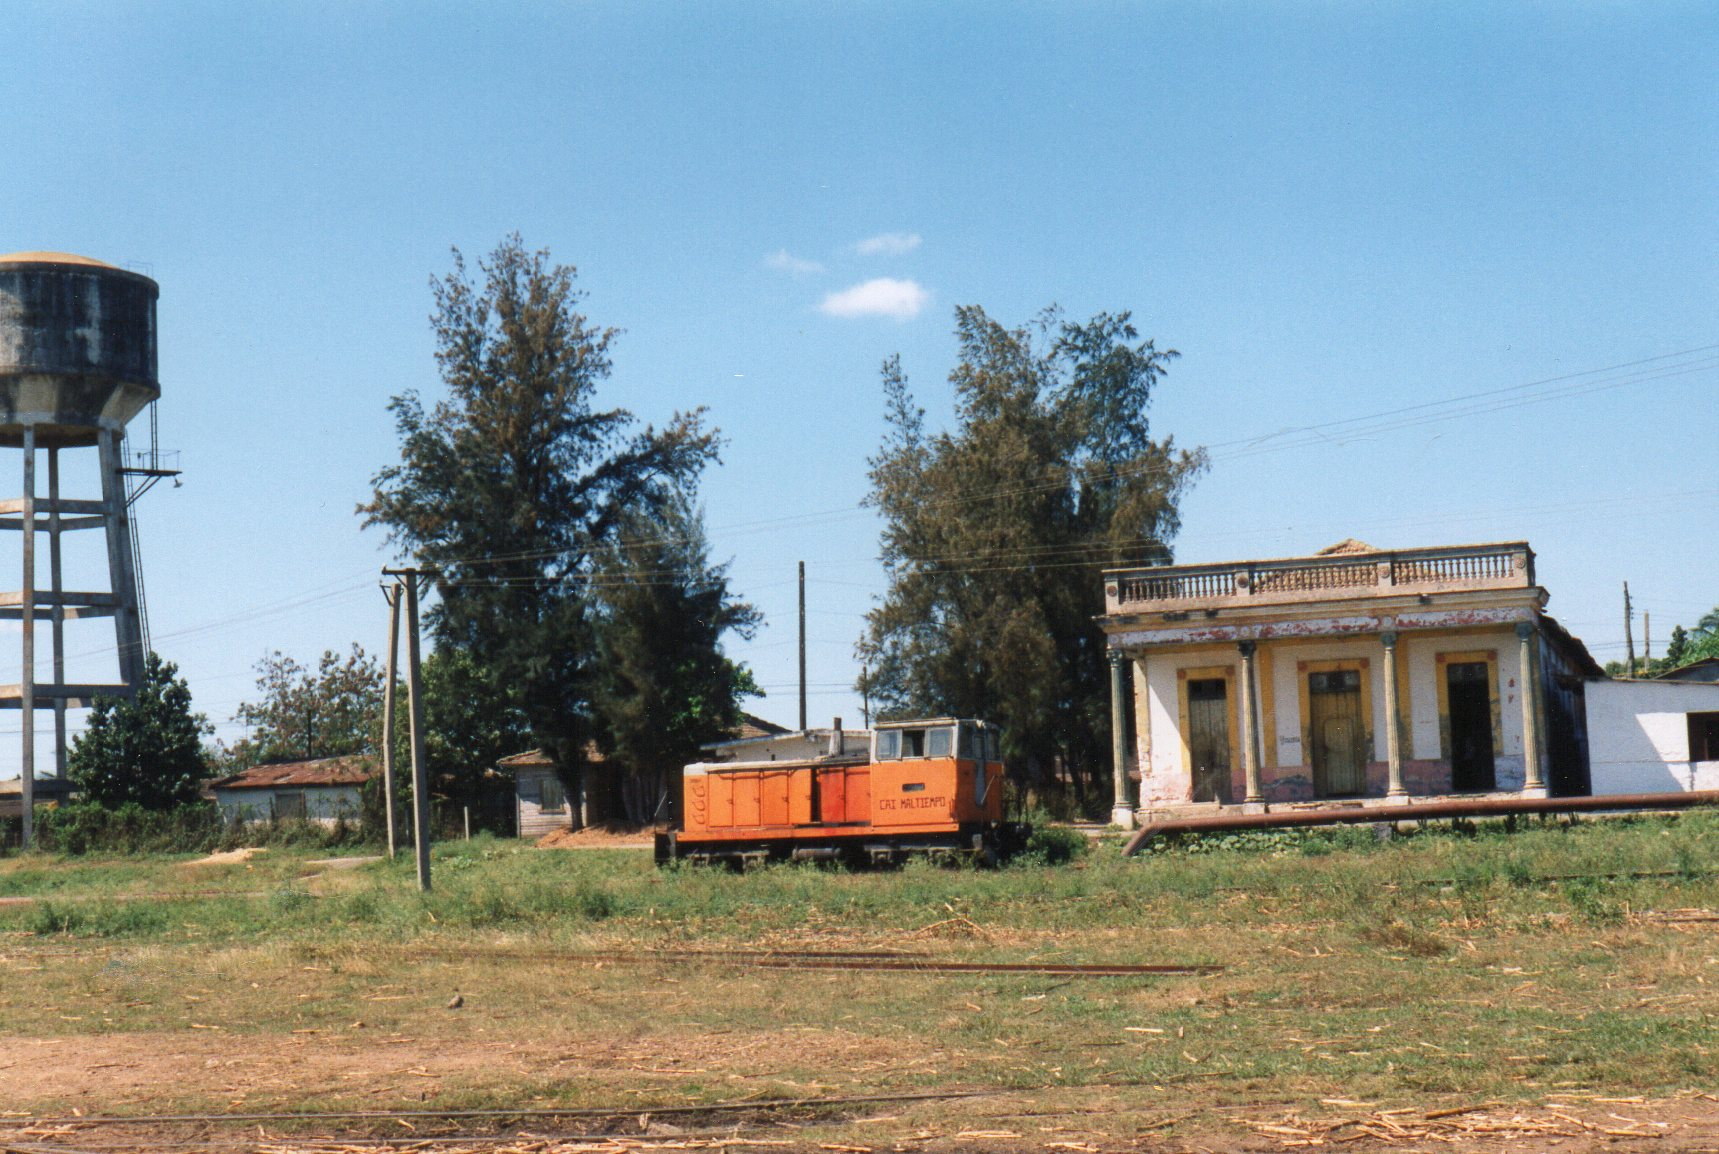 """På Mal Tiempo, der betyder dårligt Vejr! fald jeg åbenbart for diesellokomotiver, selm om jeg ikke nåede tæt nok på til at læse nummeret. Den var nemlig hensat. Af data har jeg: 762 mm. Kaluga type TU7. """"Stationsbygningens"""" arkitekt have åbenbart fundet en tegning af et græsk tempel og brugt det som forlæg."""